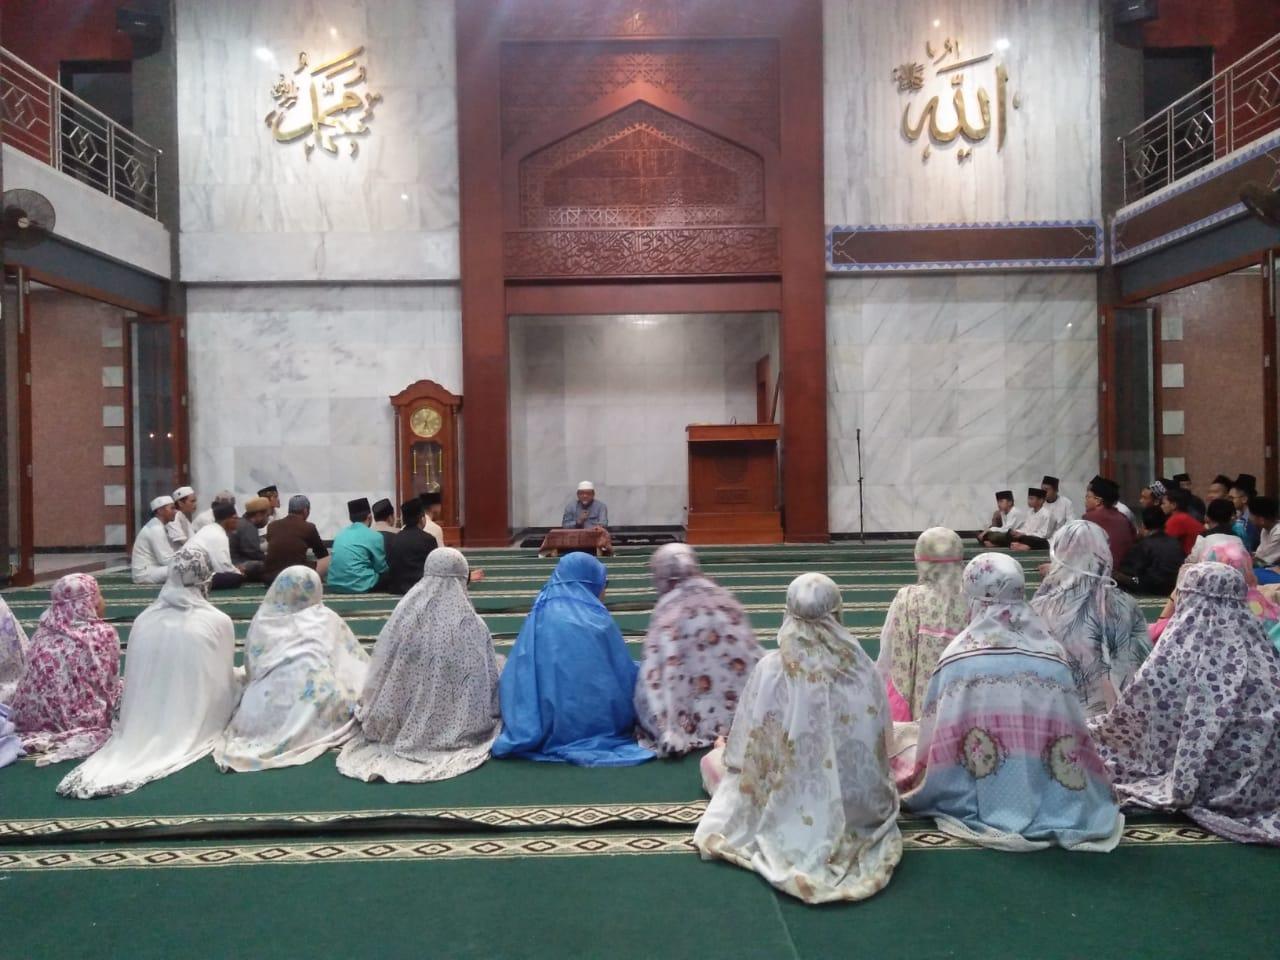 Kiai Enha Bertutur (2): Islam, Dari Rahim Menuju Rahmat